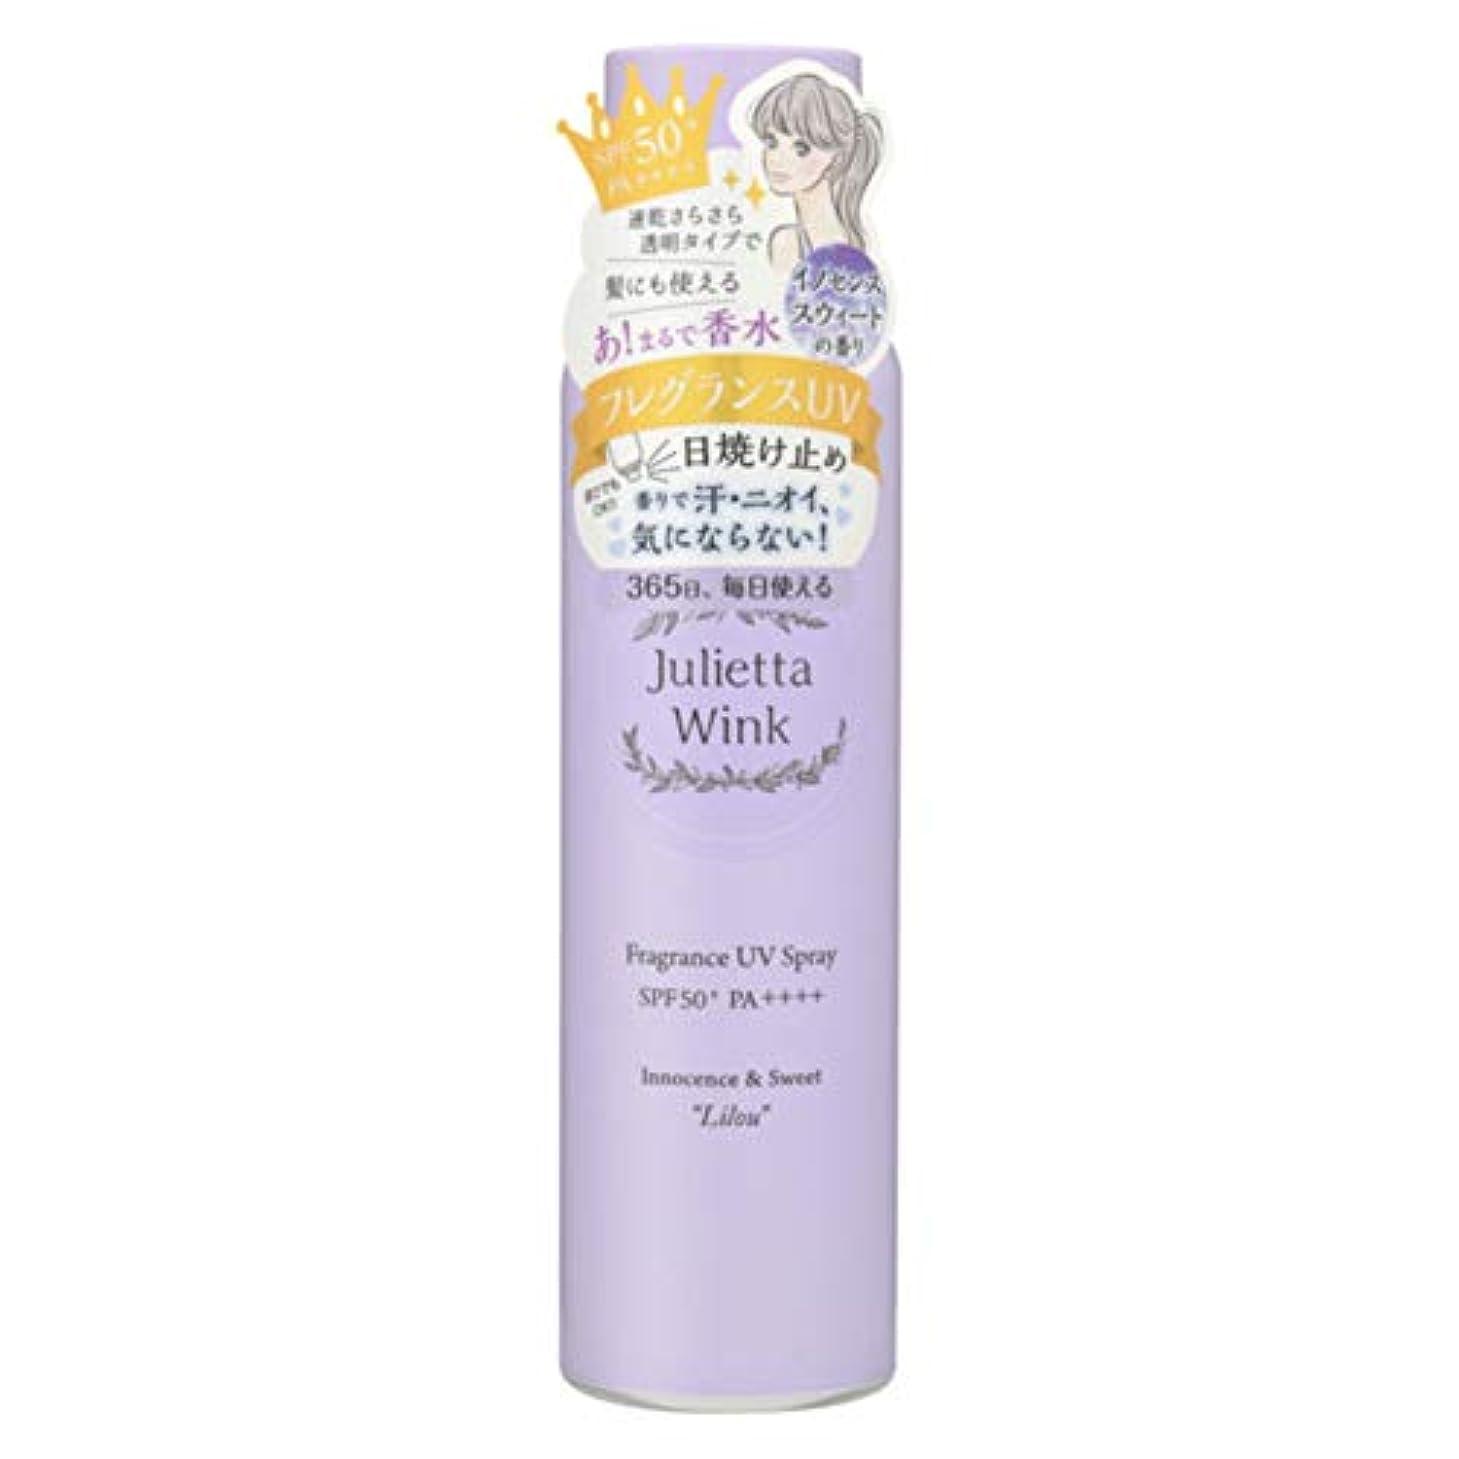 期限切れ壁構成員ジュリエッタウィンク フレグランス UVスプレー[リル]100g イノセンススウィートの香り(紫)